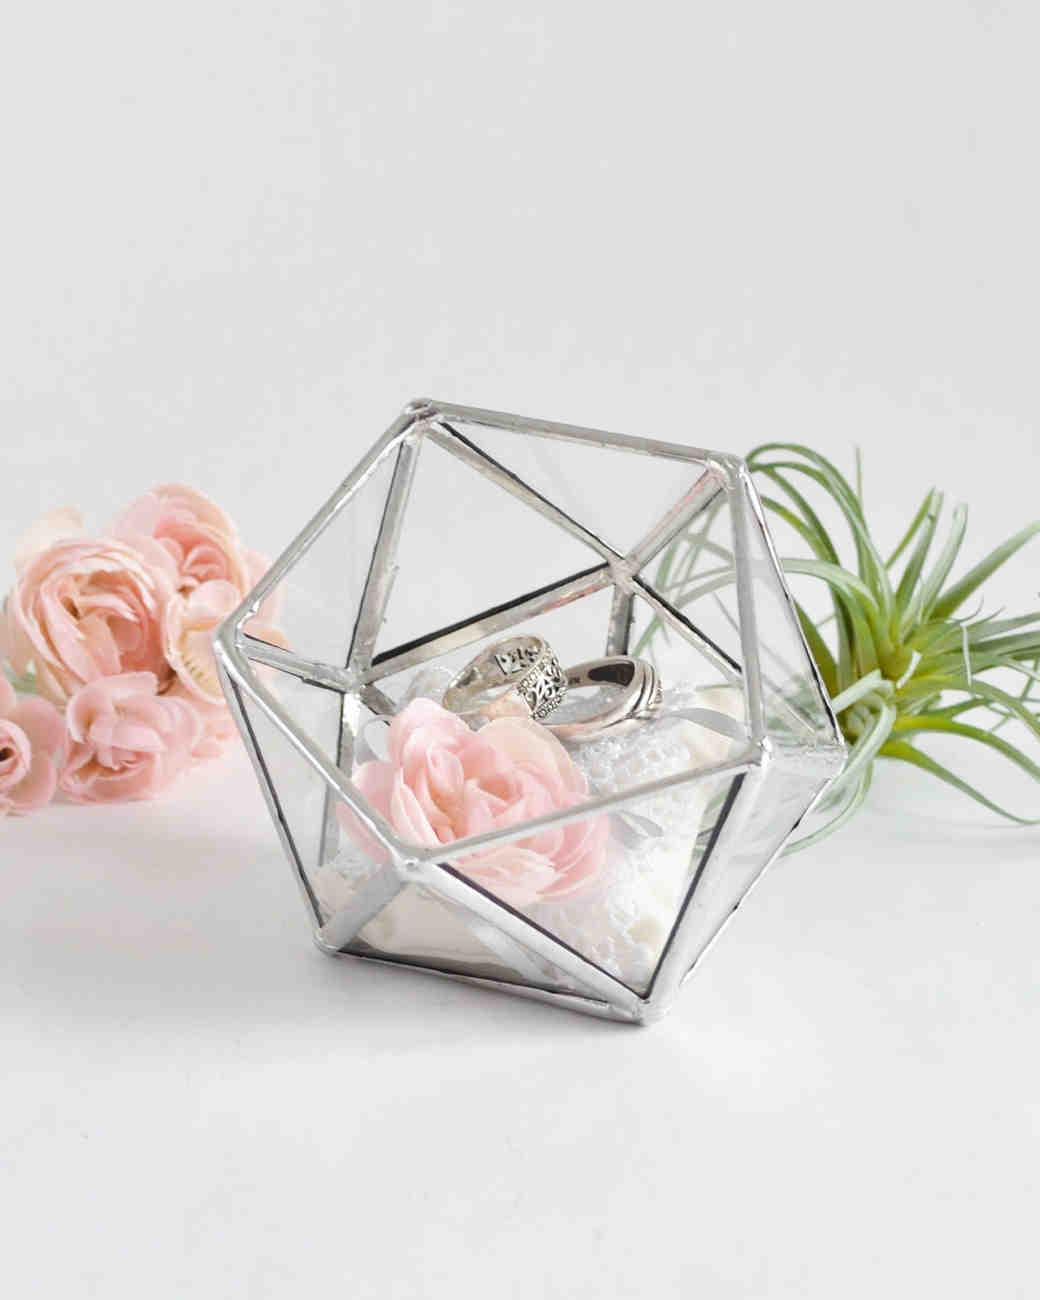 unique-ring-box-terrarium-0316.jpg